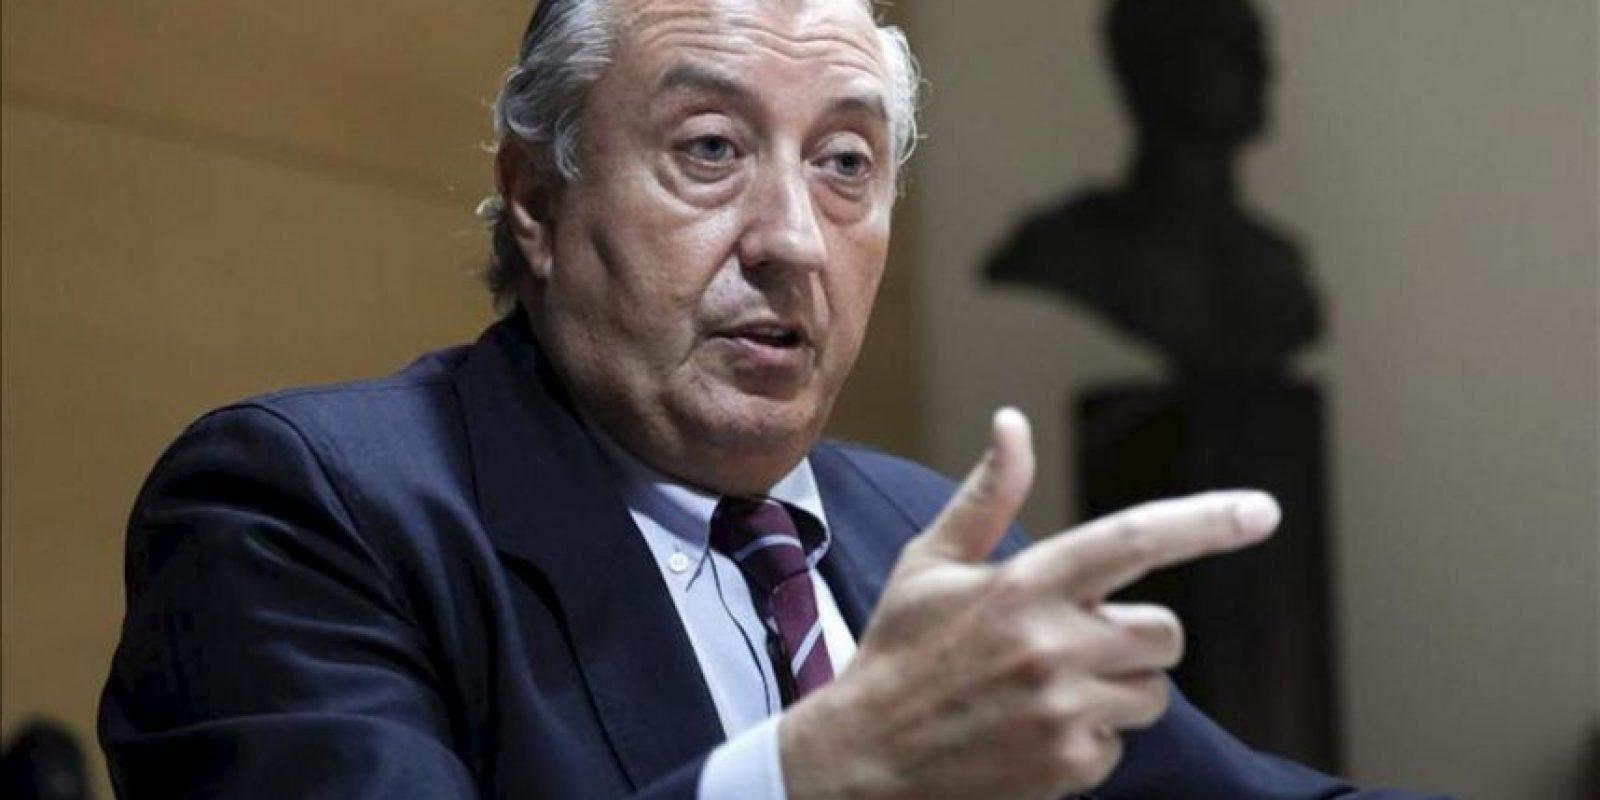 El presidente de Renfe, Julio Gómez-Pomar, durante la entrevista hoy con la Agencia Efe, una semana después del accidente que se produjo el pasado miércoles cerca de Santiago de Compostela en el que fallecieron 79 personas. EFE